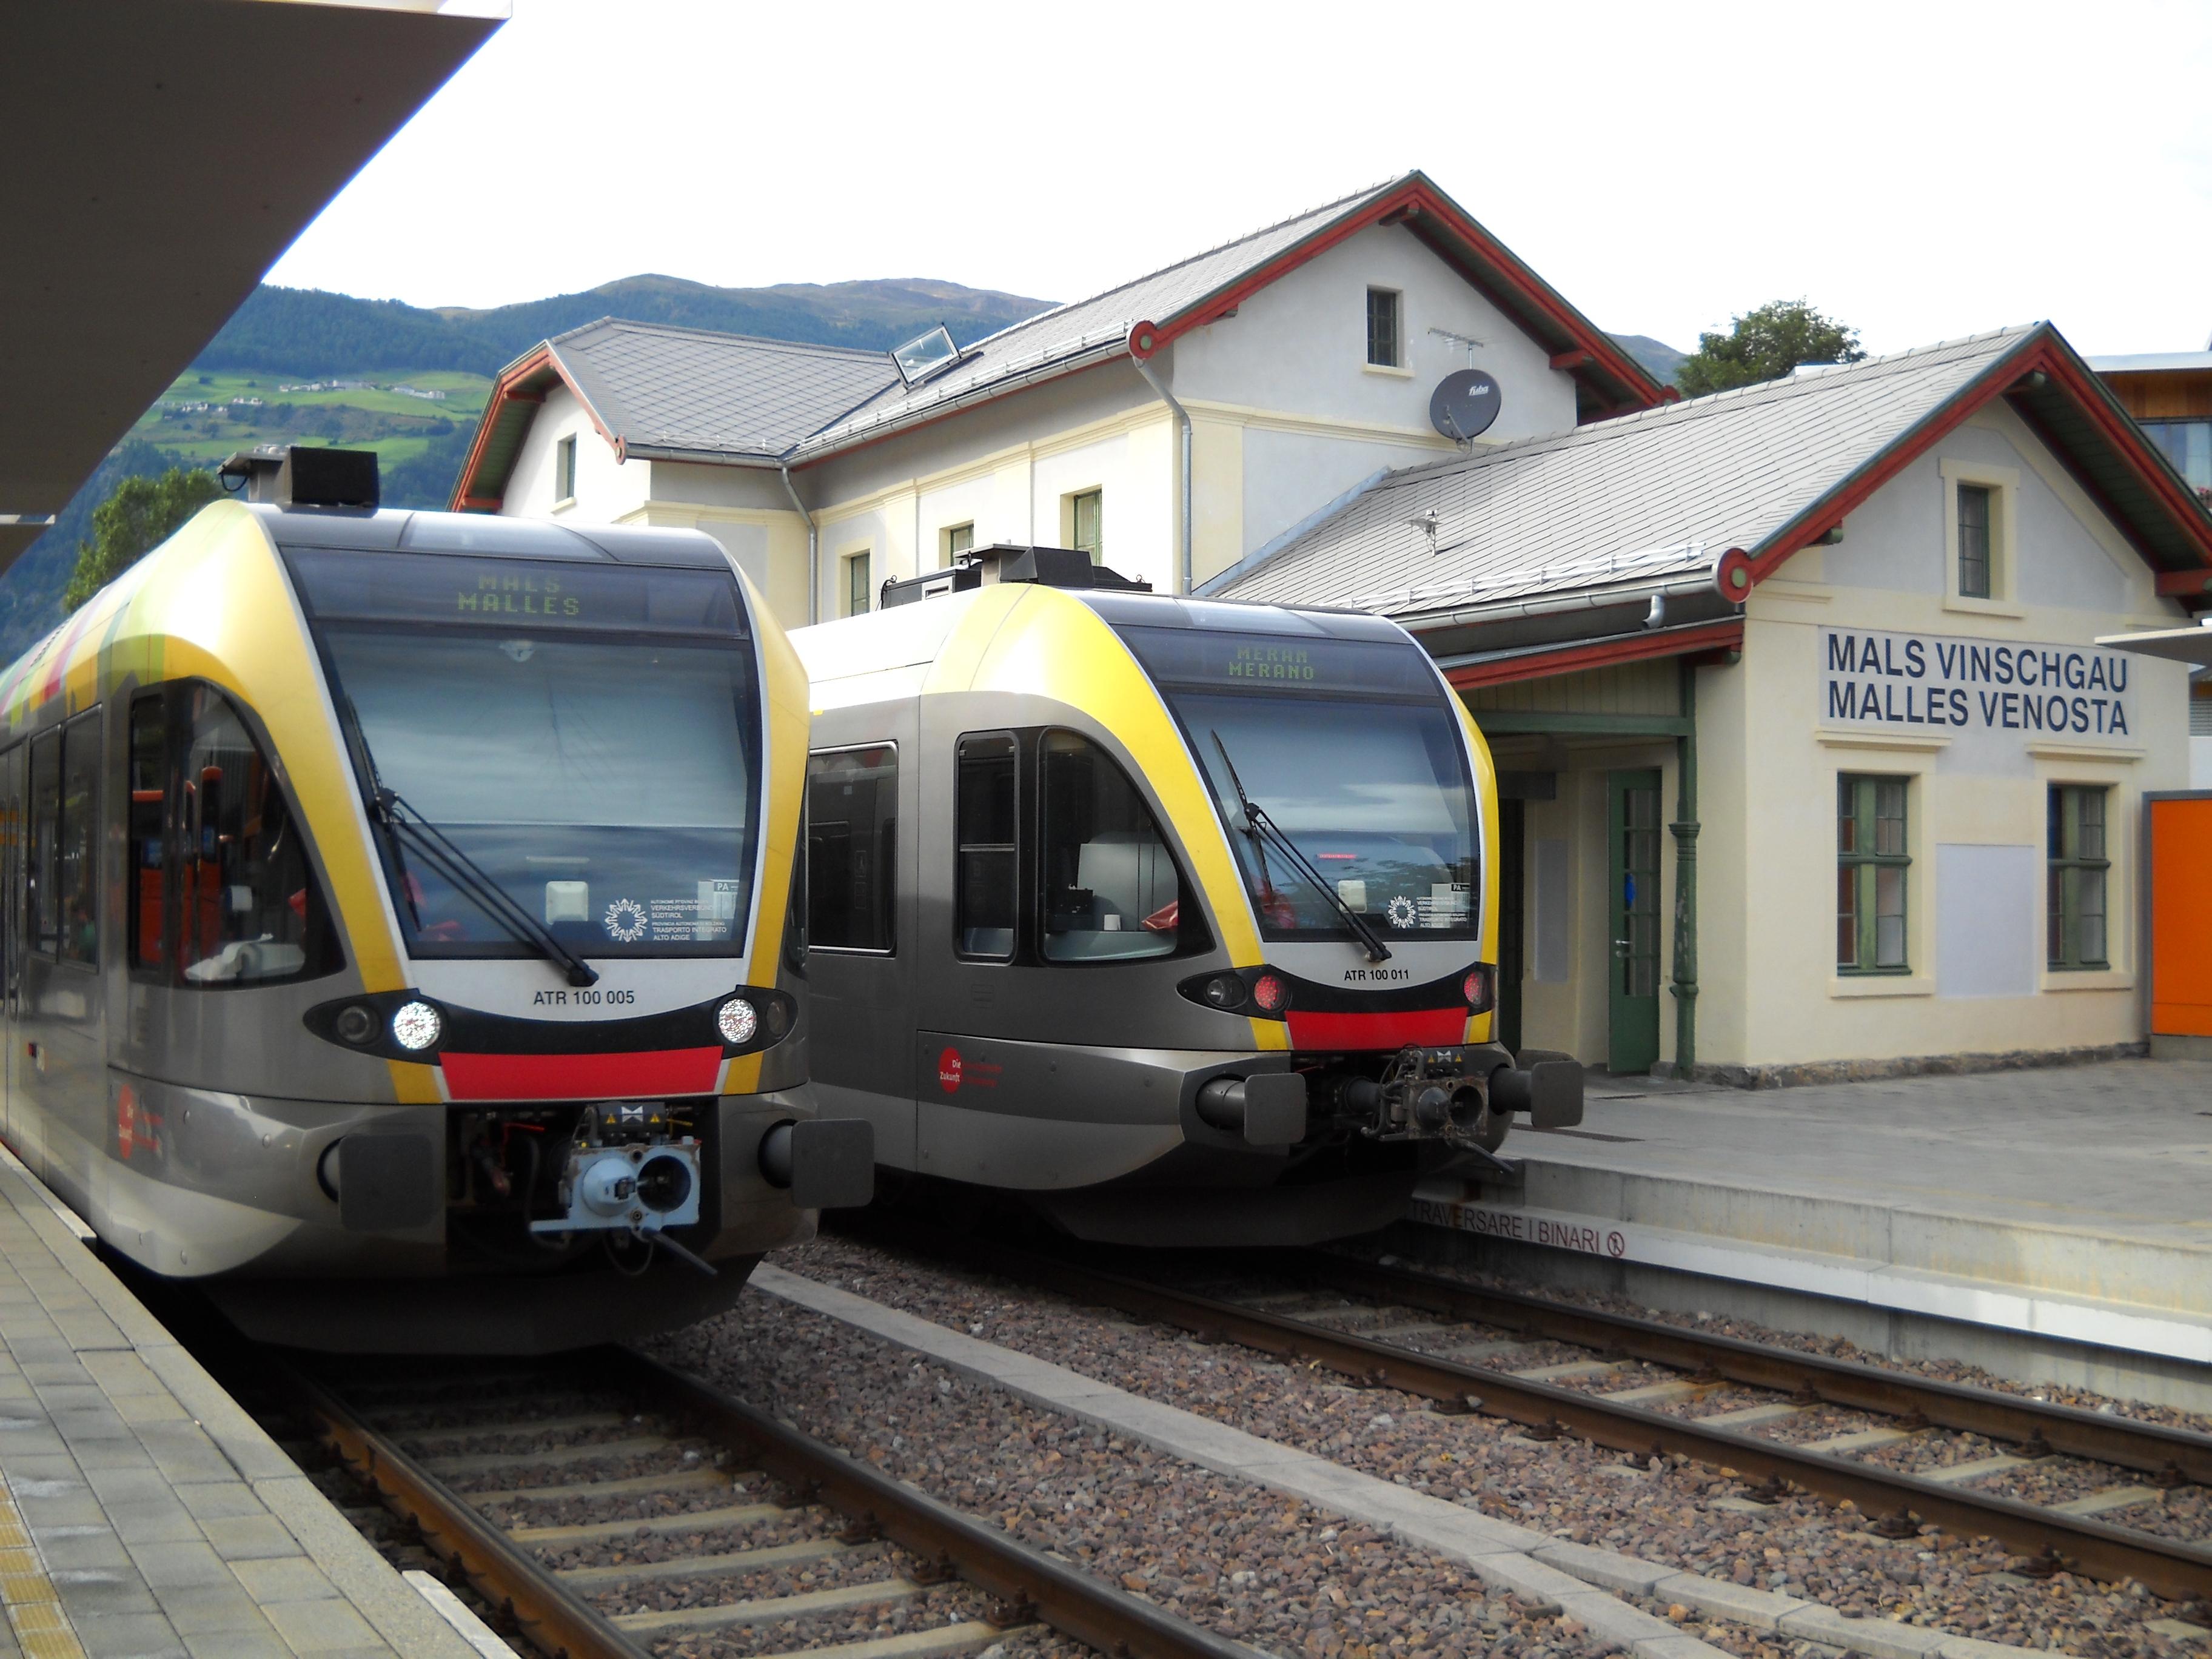 Un moderno Gtw Atr100 in sosta nella stazione capolinea di Malles - Foto Giovanni Giglio